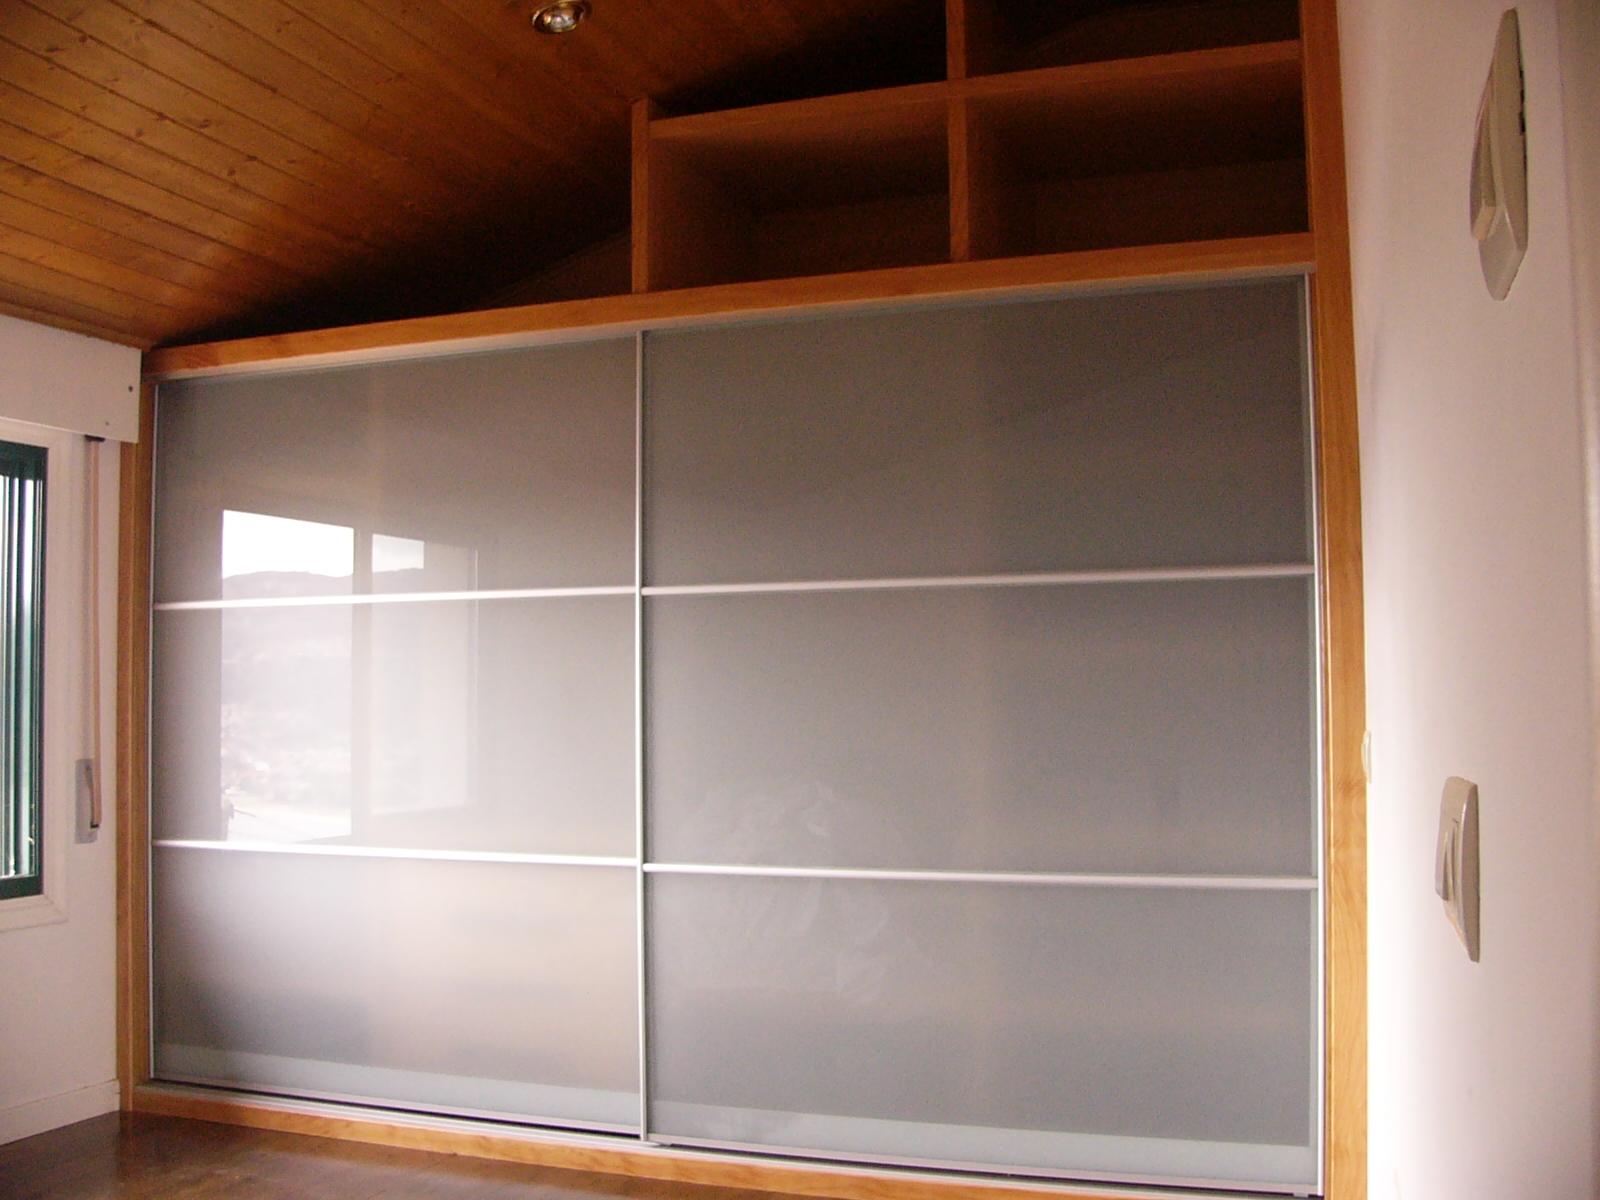 sfc muebles sostenibles y creativos armarios